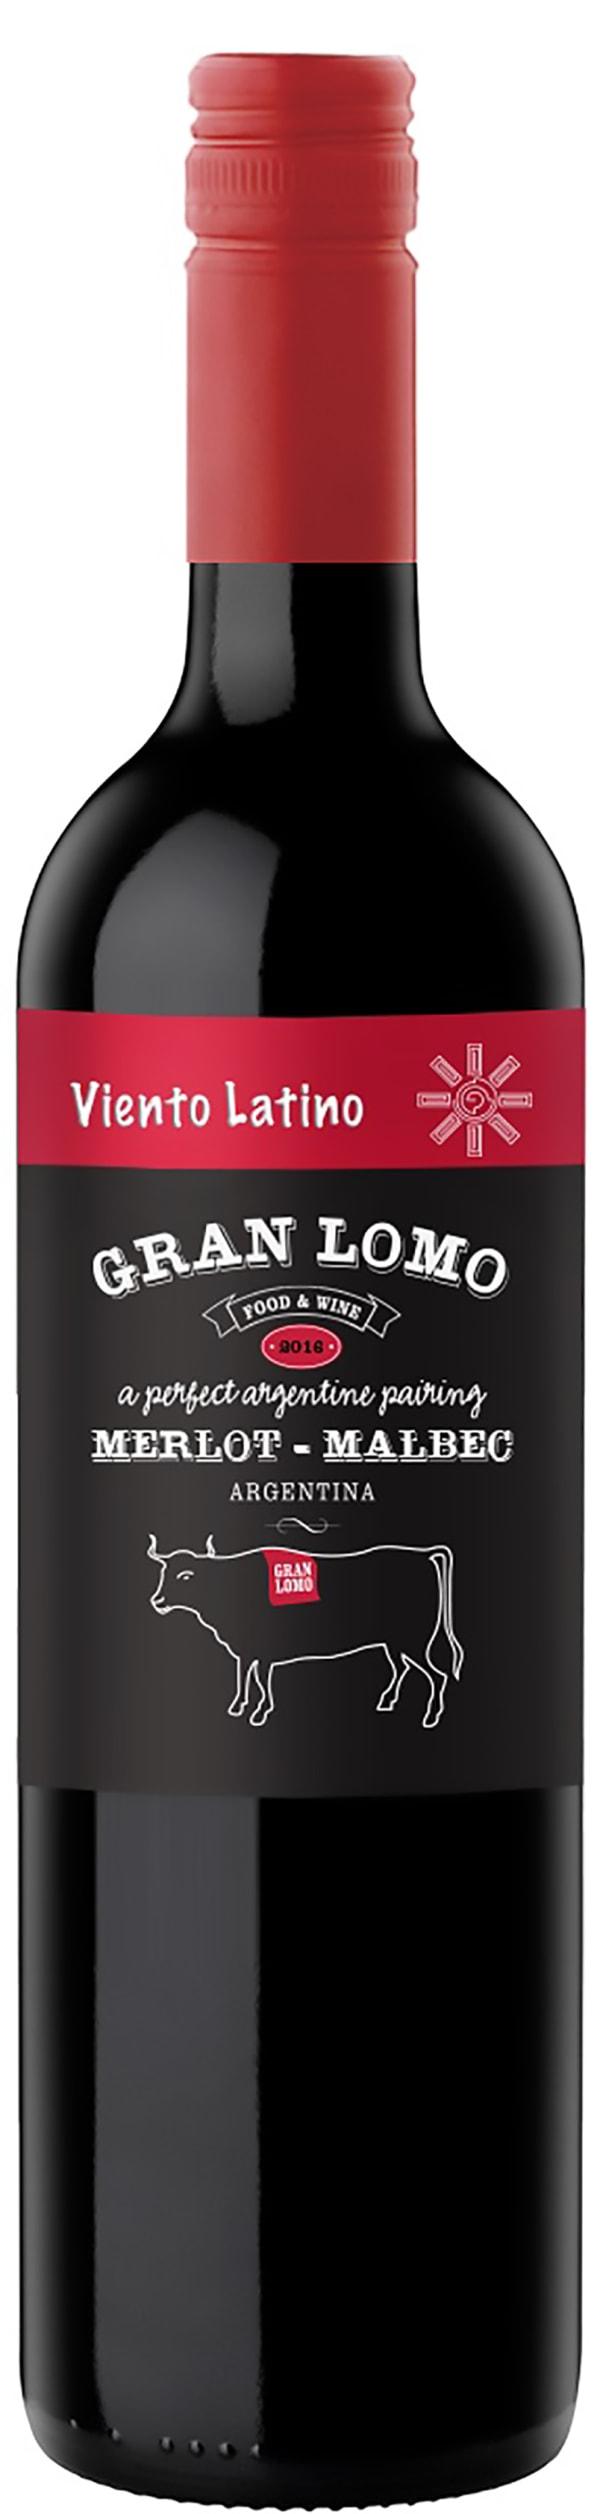 Viento Latino Gran Lomo Merlot Malbec 2016